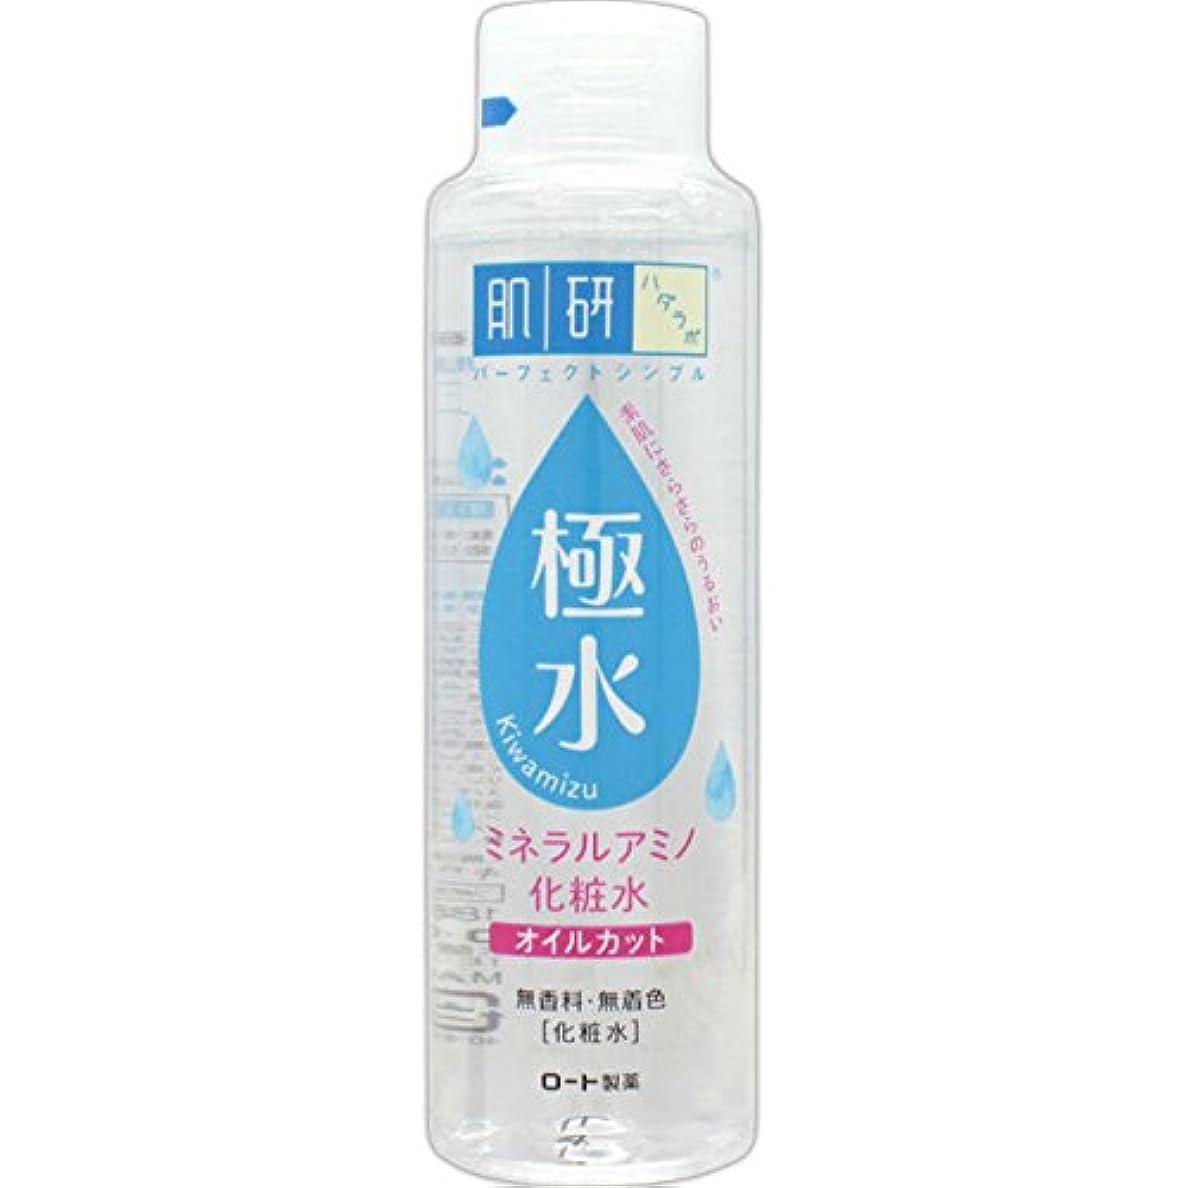 ランチプール陽気な肌研(ハダラボ) 極水 ミネラルアミノ化粧水 180mL